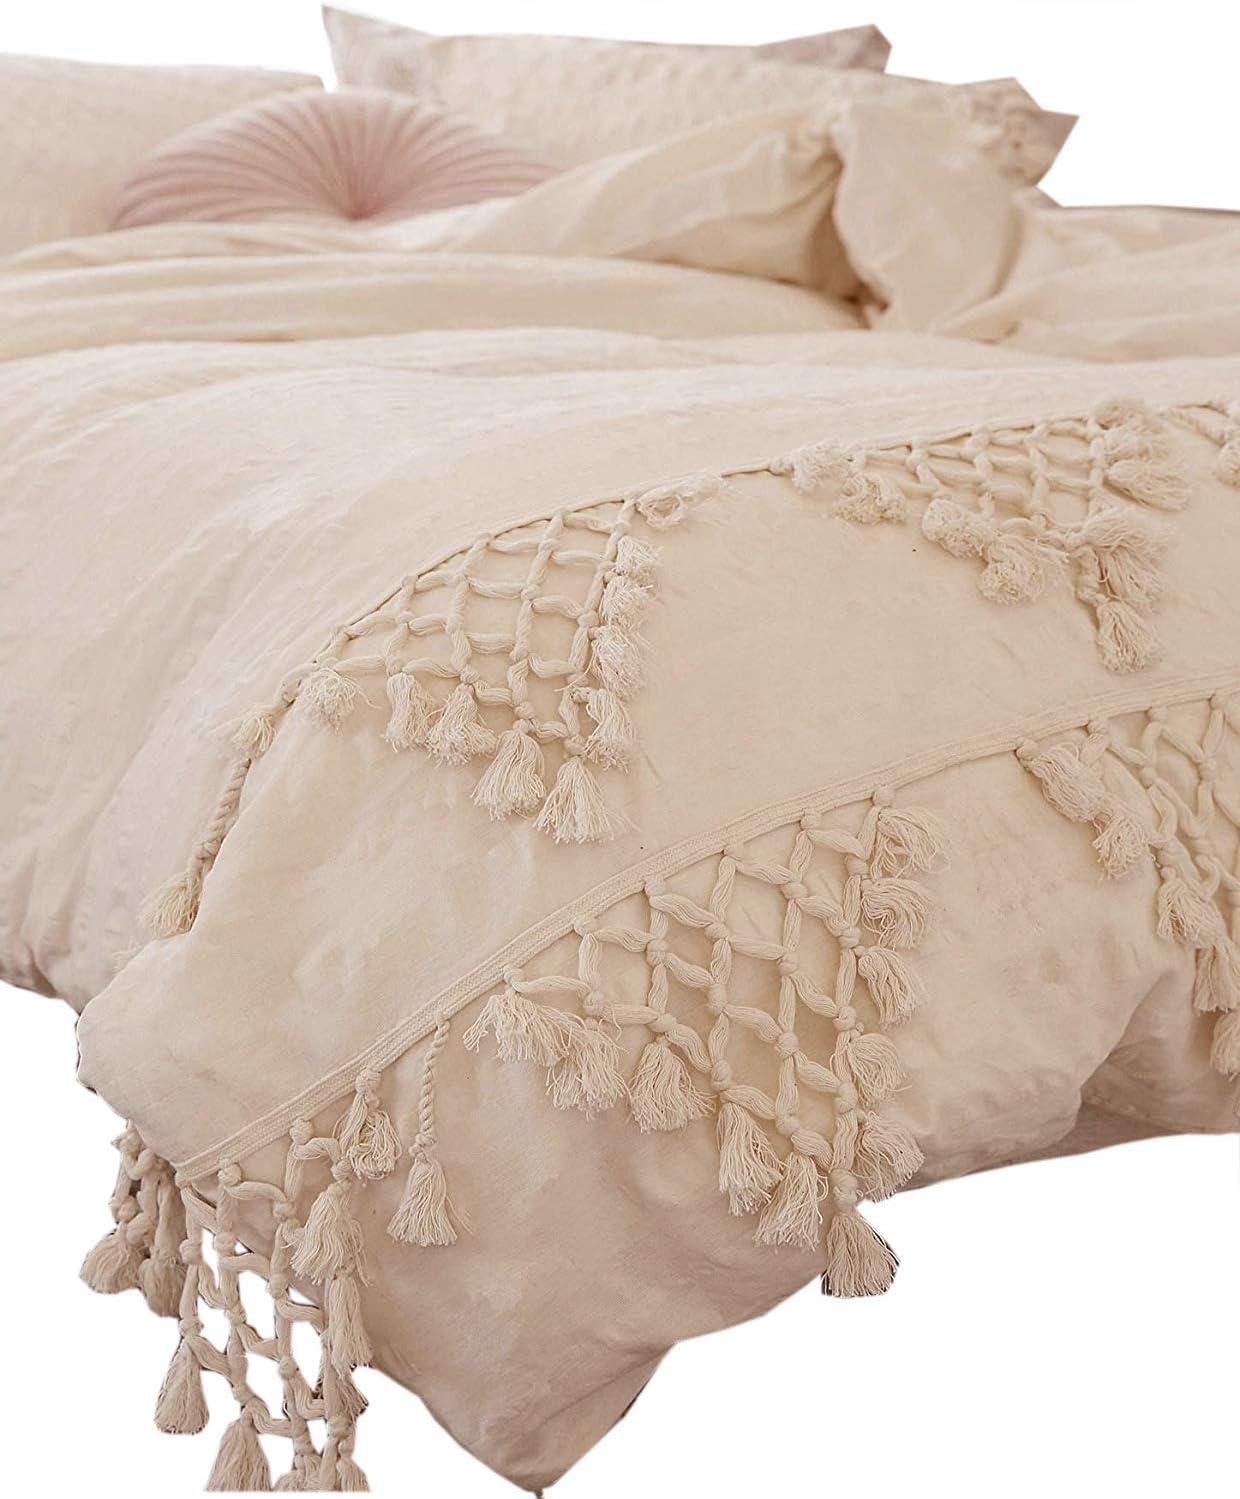 Flber Tufted Tassel Online limited product Duvet Cover Full Bedding Queen Boho Lattice Free Shipping Cheap Bargain Gift